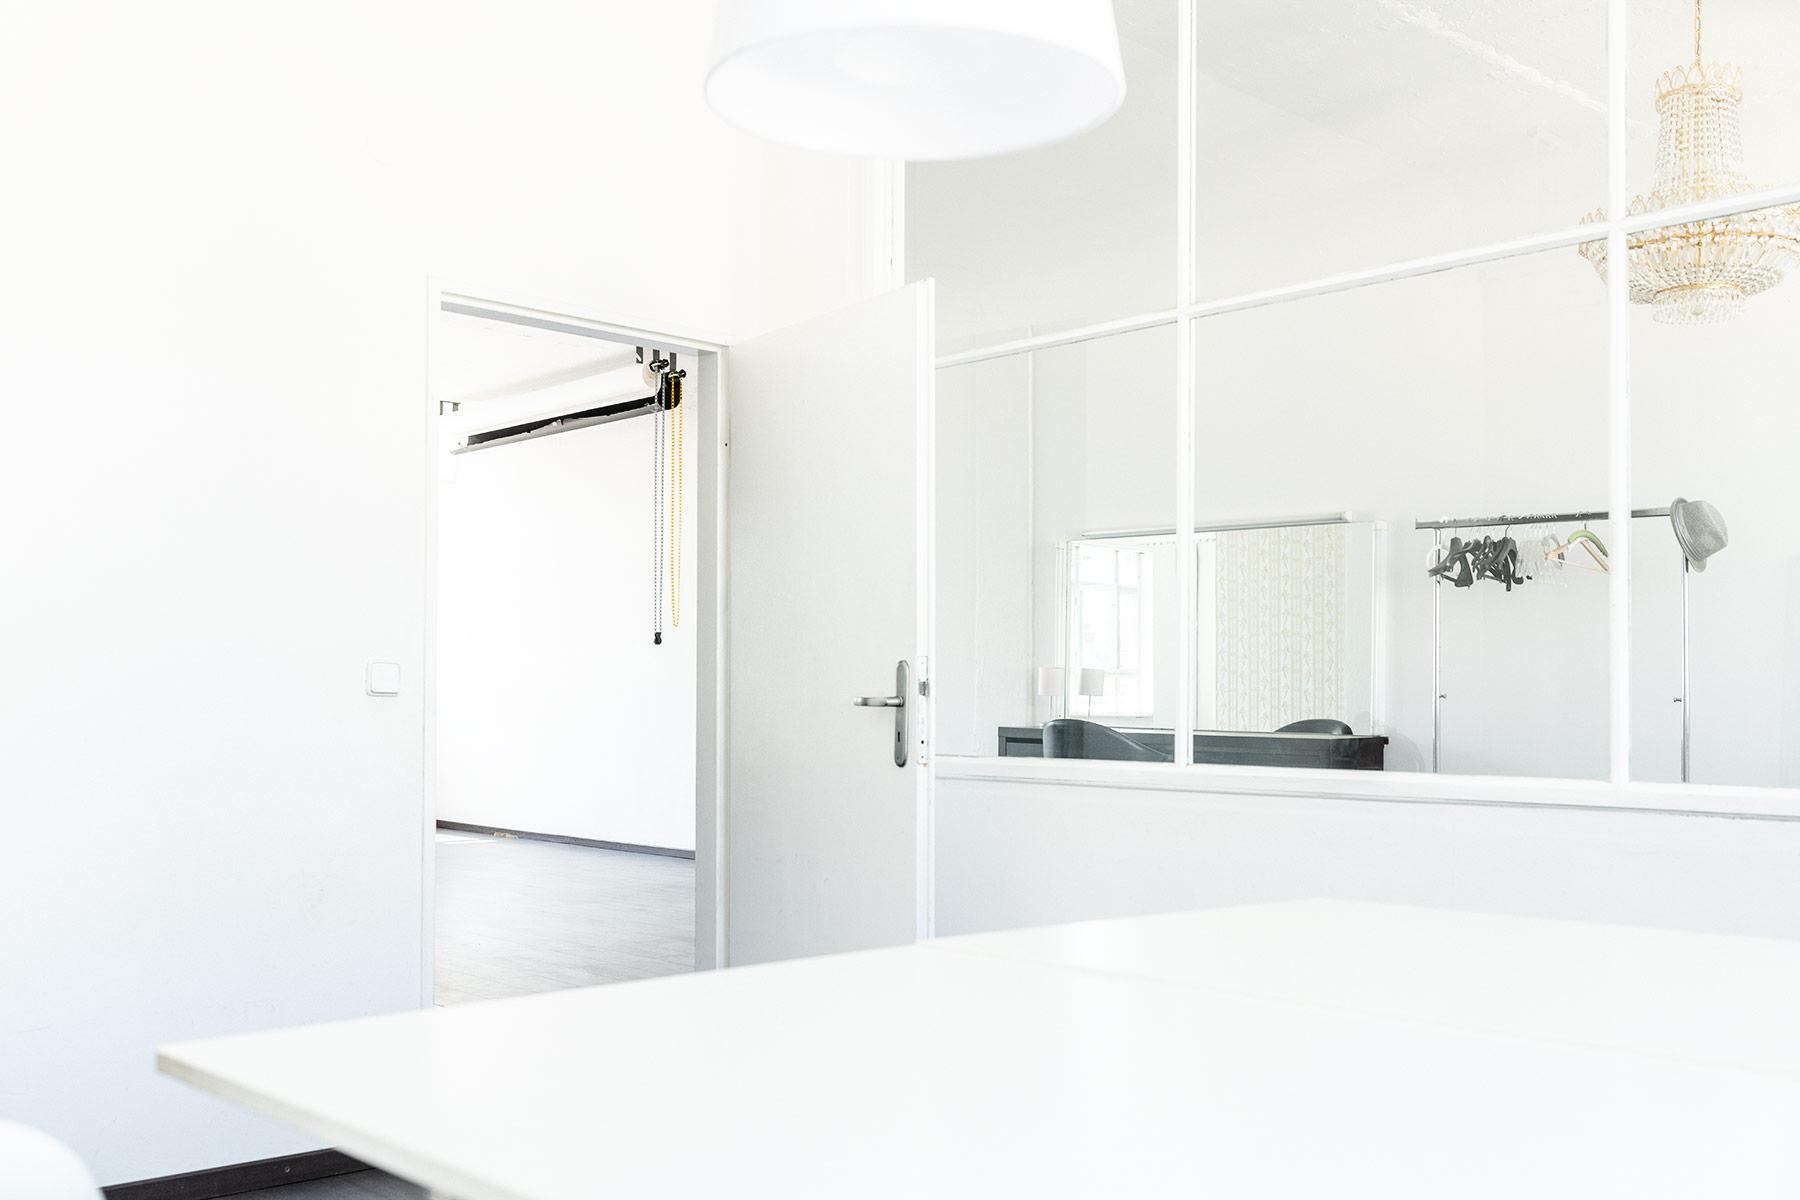 ocean studio berlin photo studio for rent in berlin. Black Bedroom Furniture Sets. Home Design Ideas